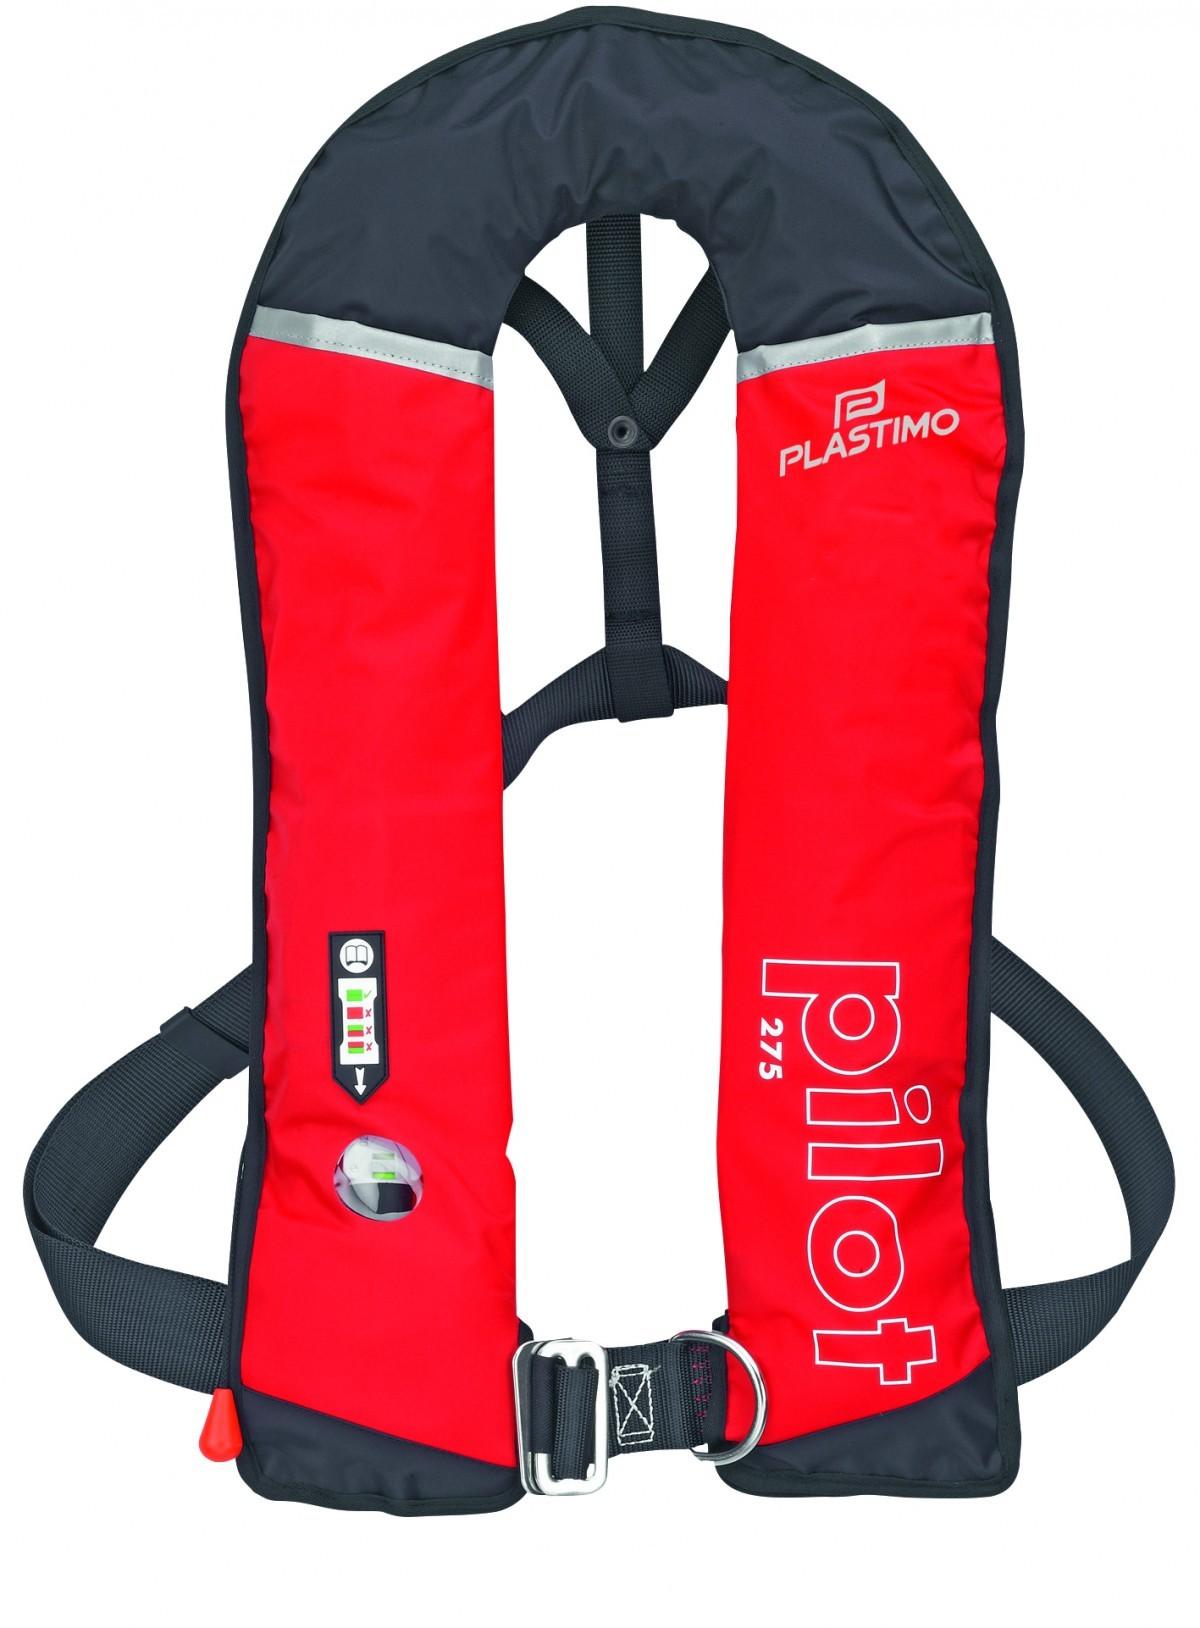 Pilot 275 inflatable lifejacket